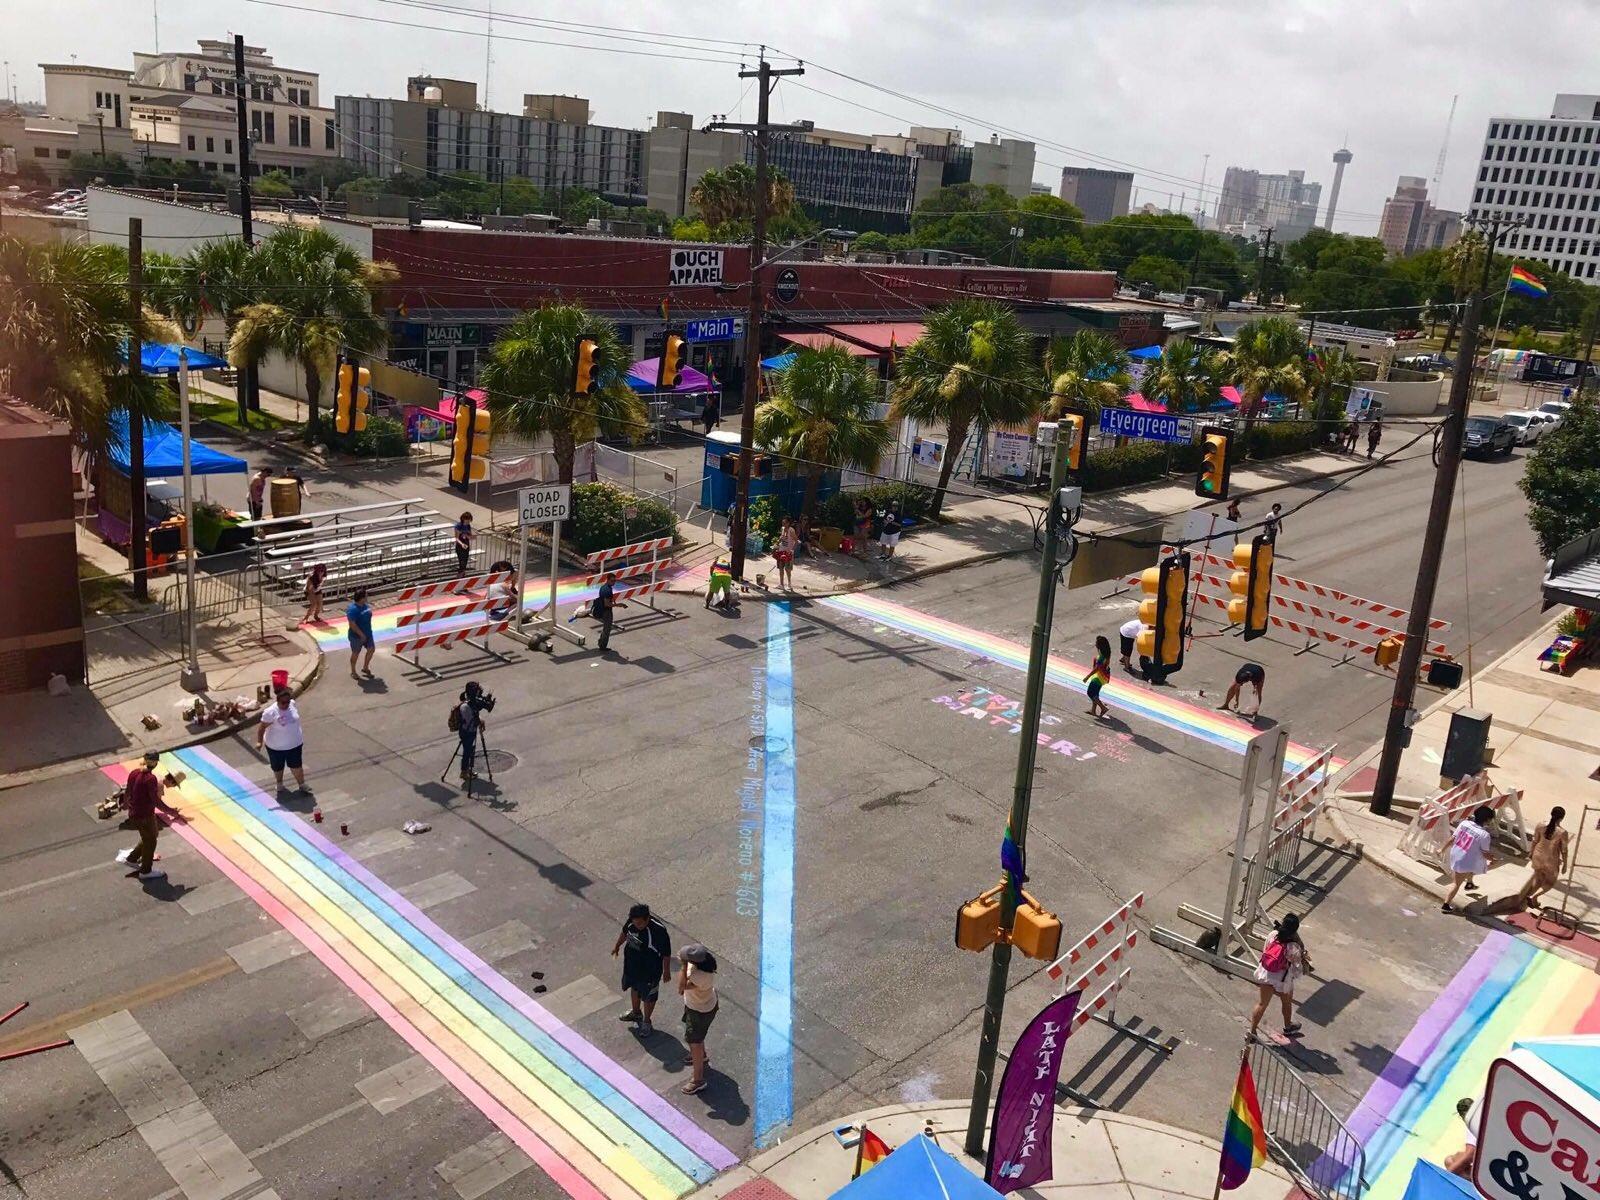 Happy San Antonio Pride!!! 🌈❤️🏳️🌈 #SanAntonio #Pride #Pride2017 #PrideSA #PrideSanAntonio https://t.co/bwIGKyNil3